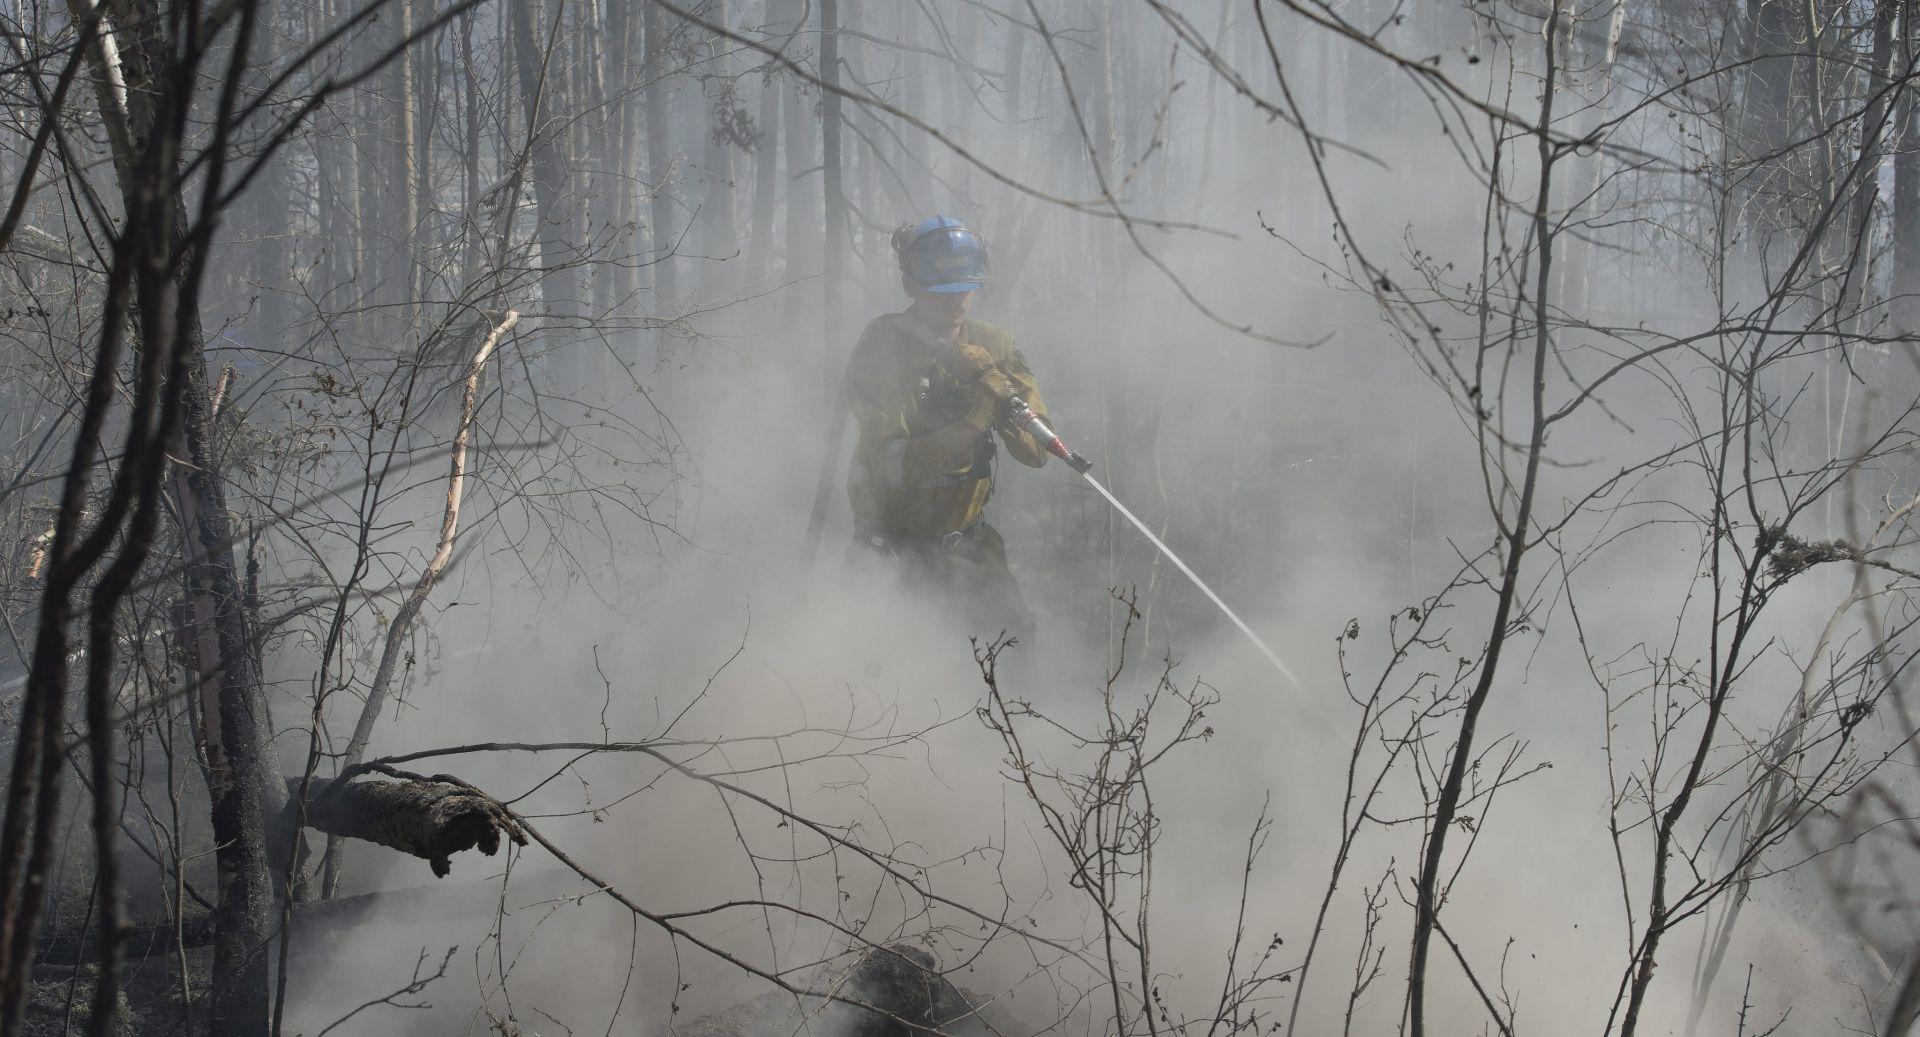 Fort McMurray: Evakuacija radnika koji rade za naftne tvrtke zbog požara